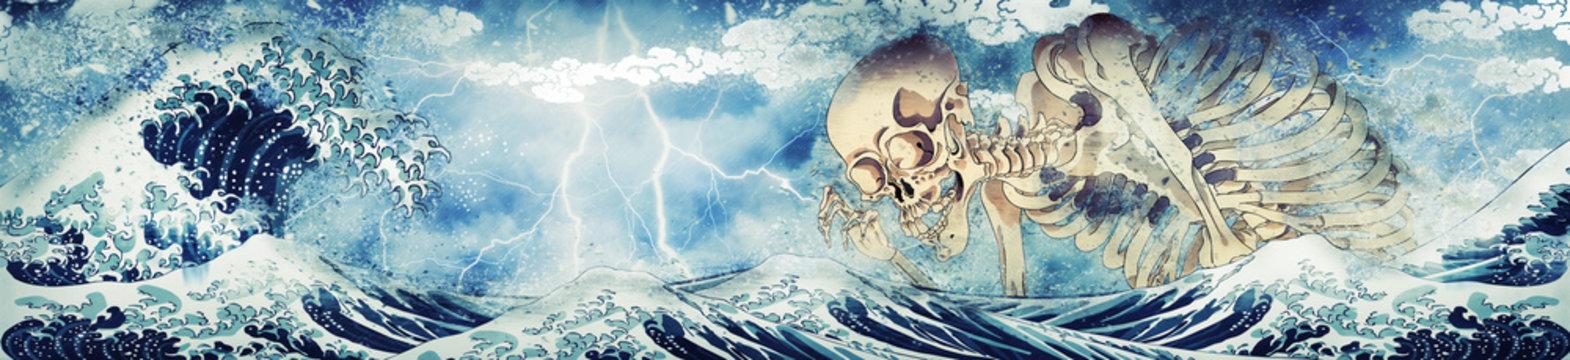 神奈川沖浪裏&相馬の古内裏の骸骨 嵐ロングバージョン